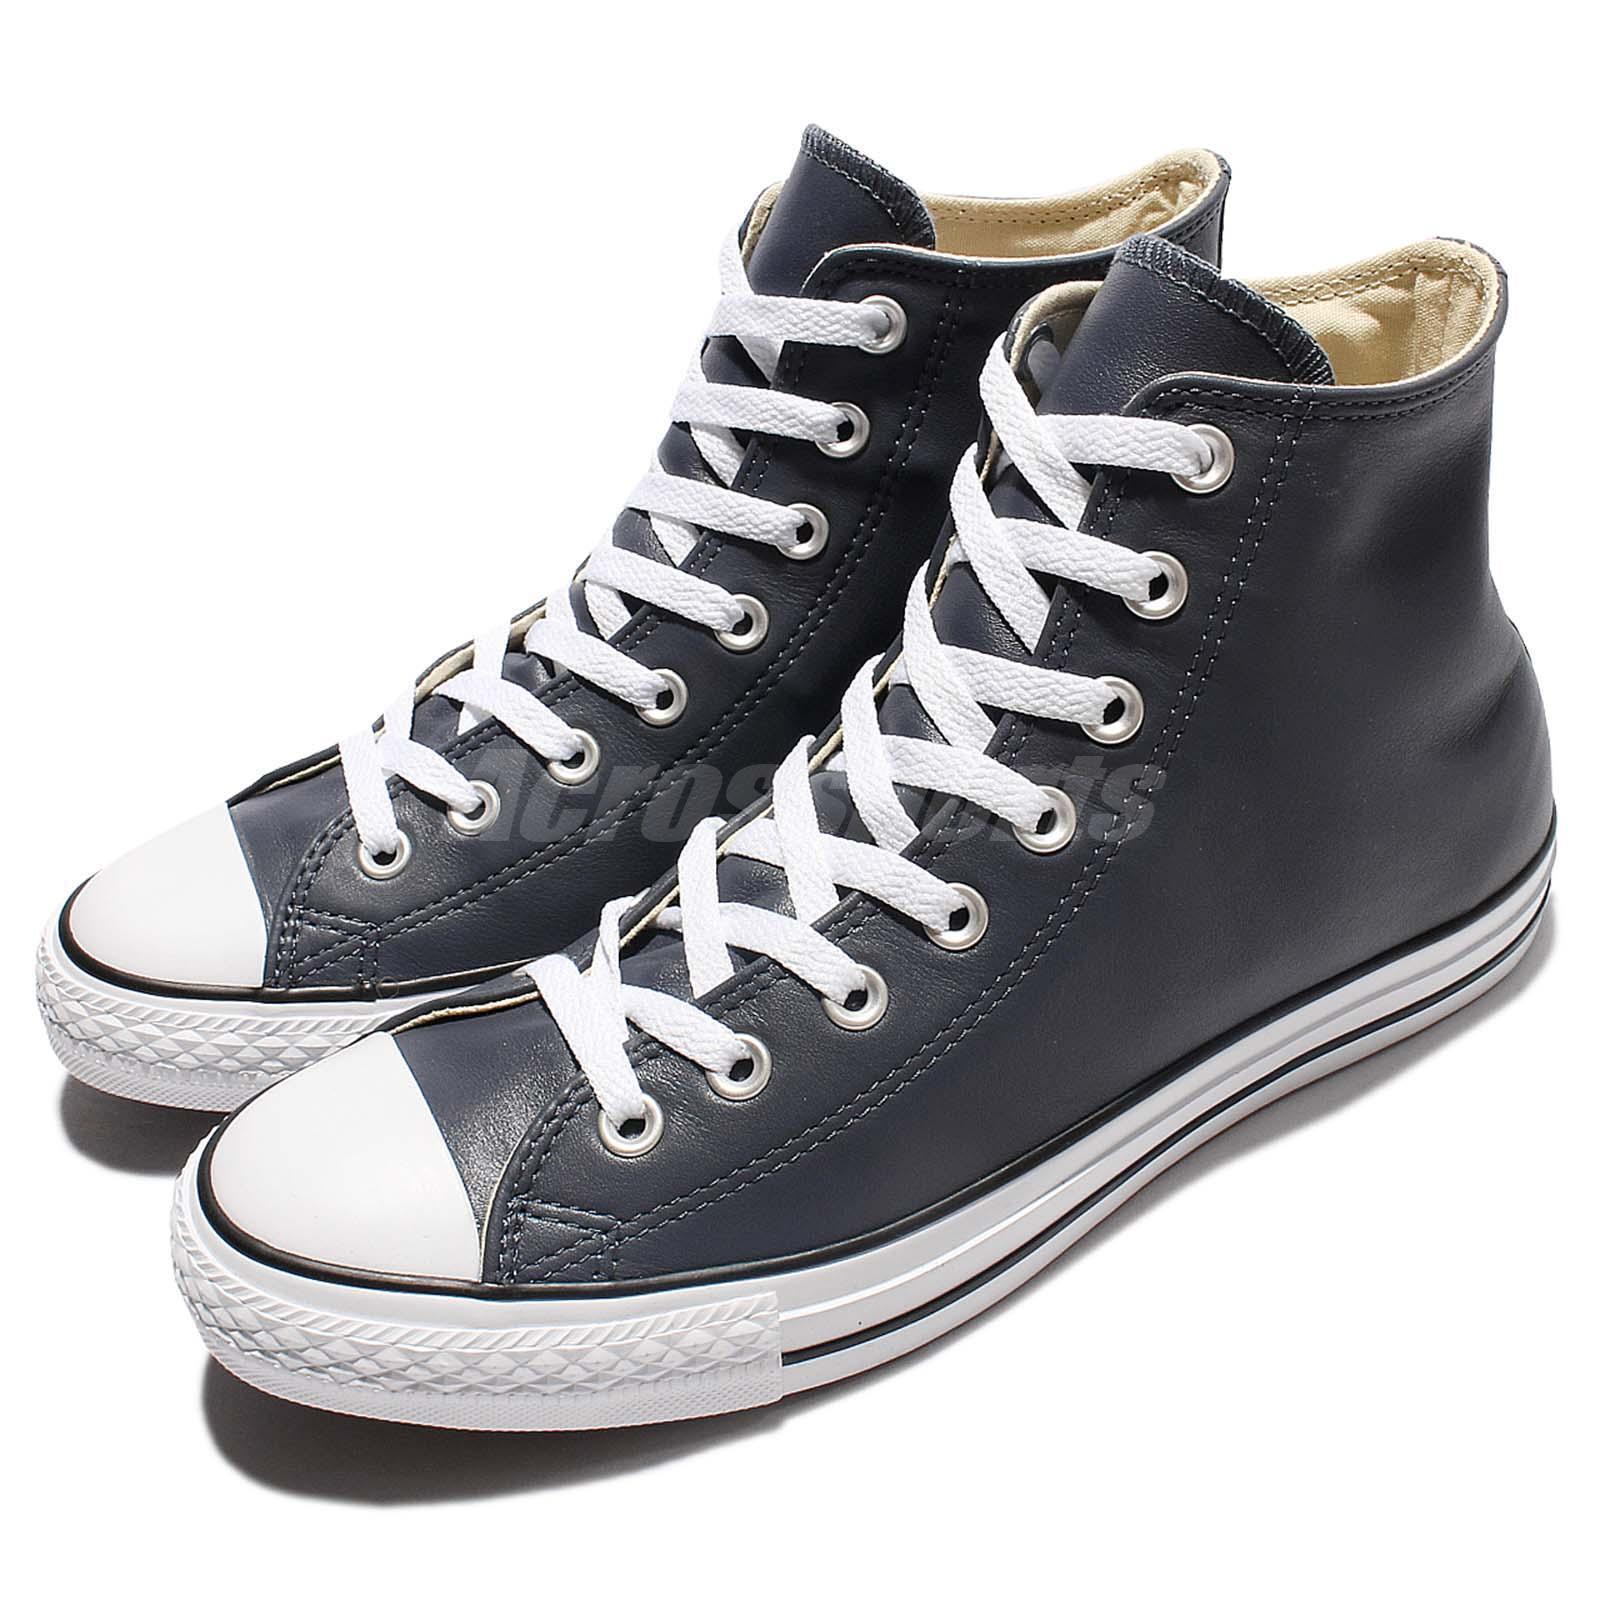 Navy Converse Zapatillas Chuck Taylor Zapatos Hombre All Blanco 156388c Star RfqfwAxIr